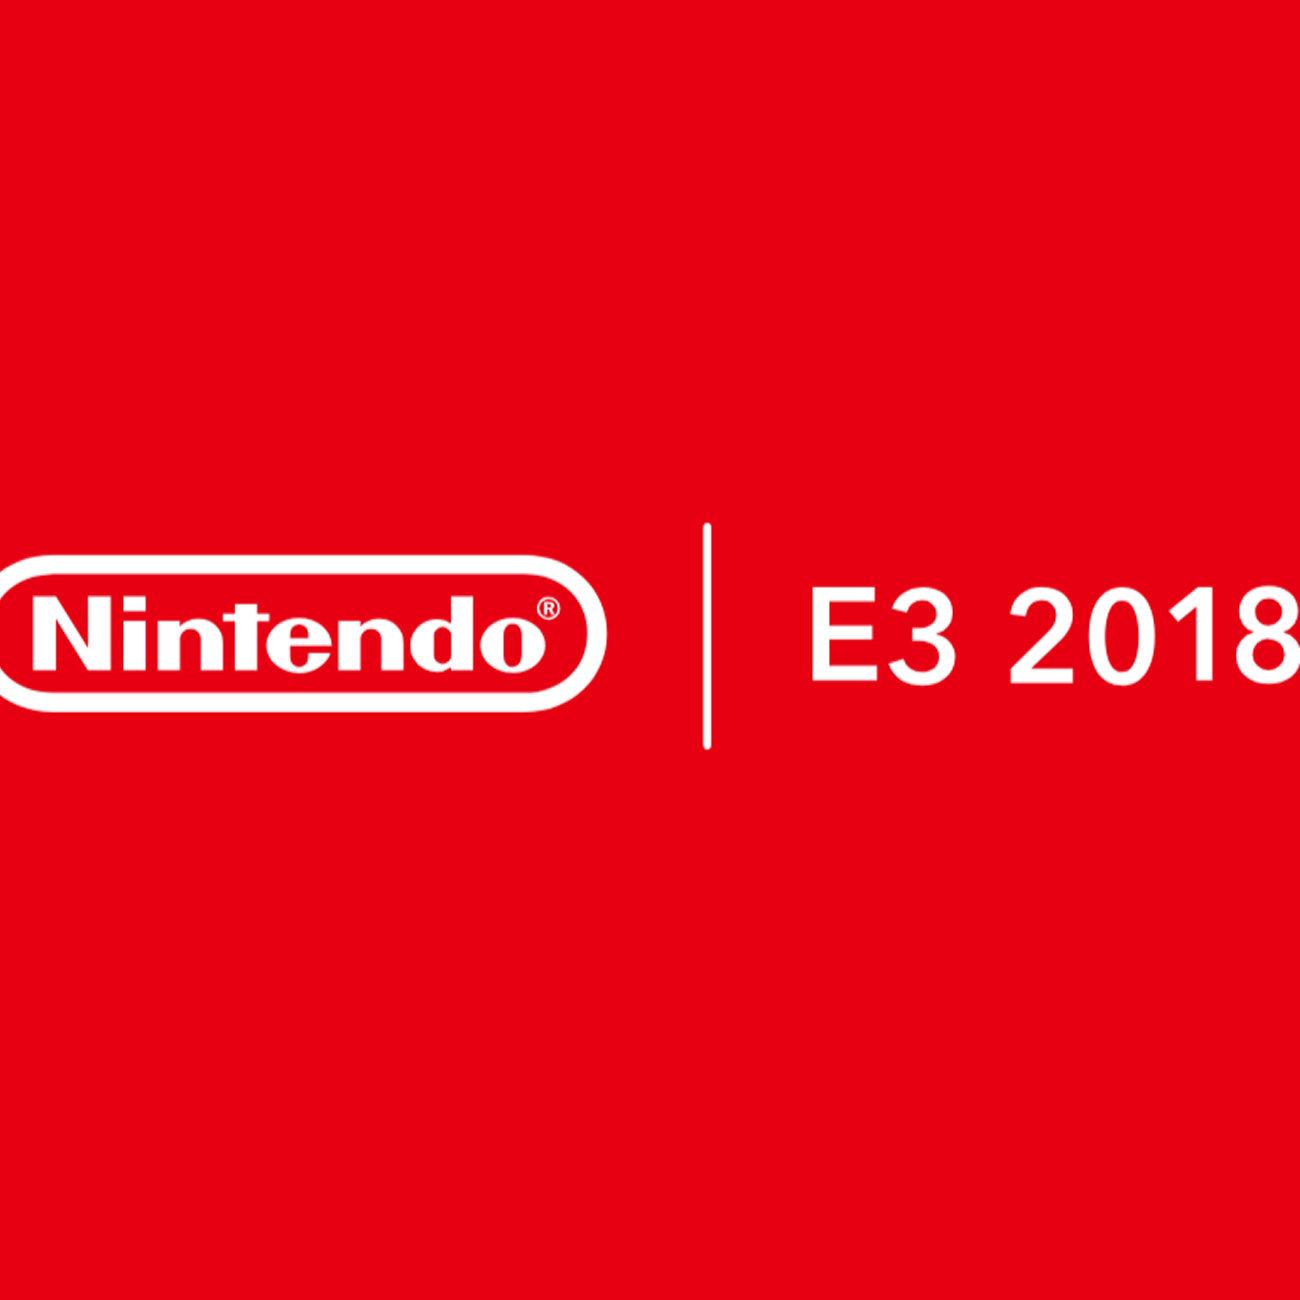 任天堂、E3 2018プレゼンにニンテンドーダイレクト消す